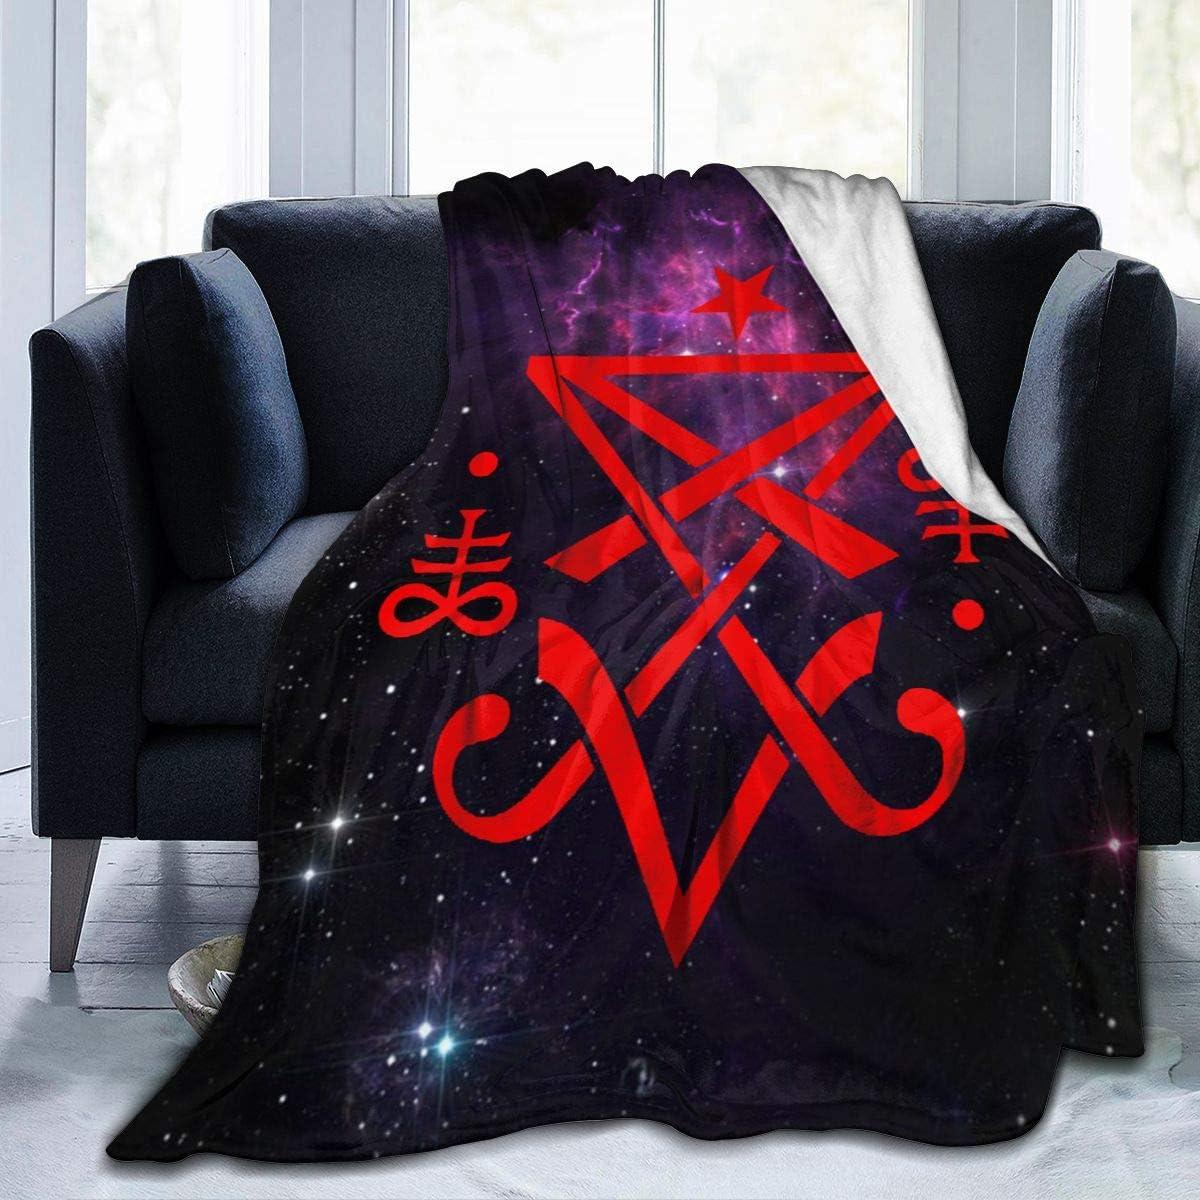 2er Pack Cotton Renforcé Pillow Case Cushion Cover Decorative Pillowcase Covers RV